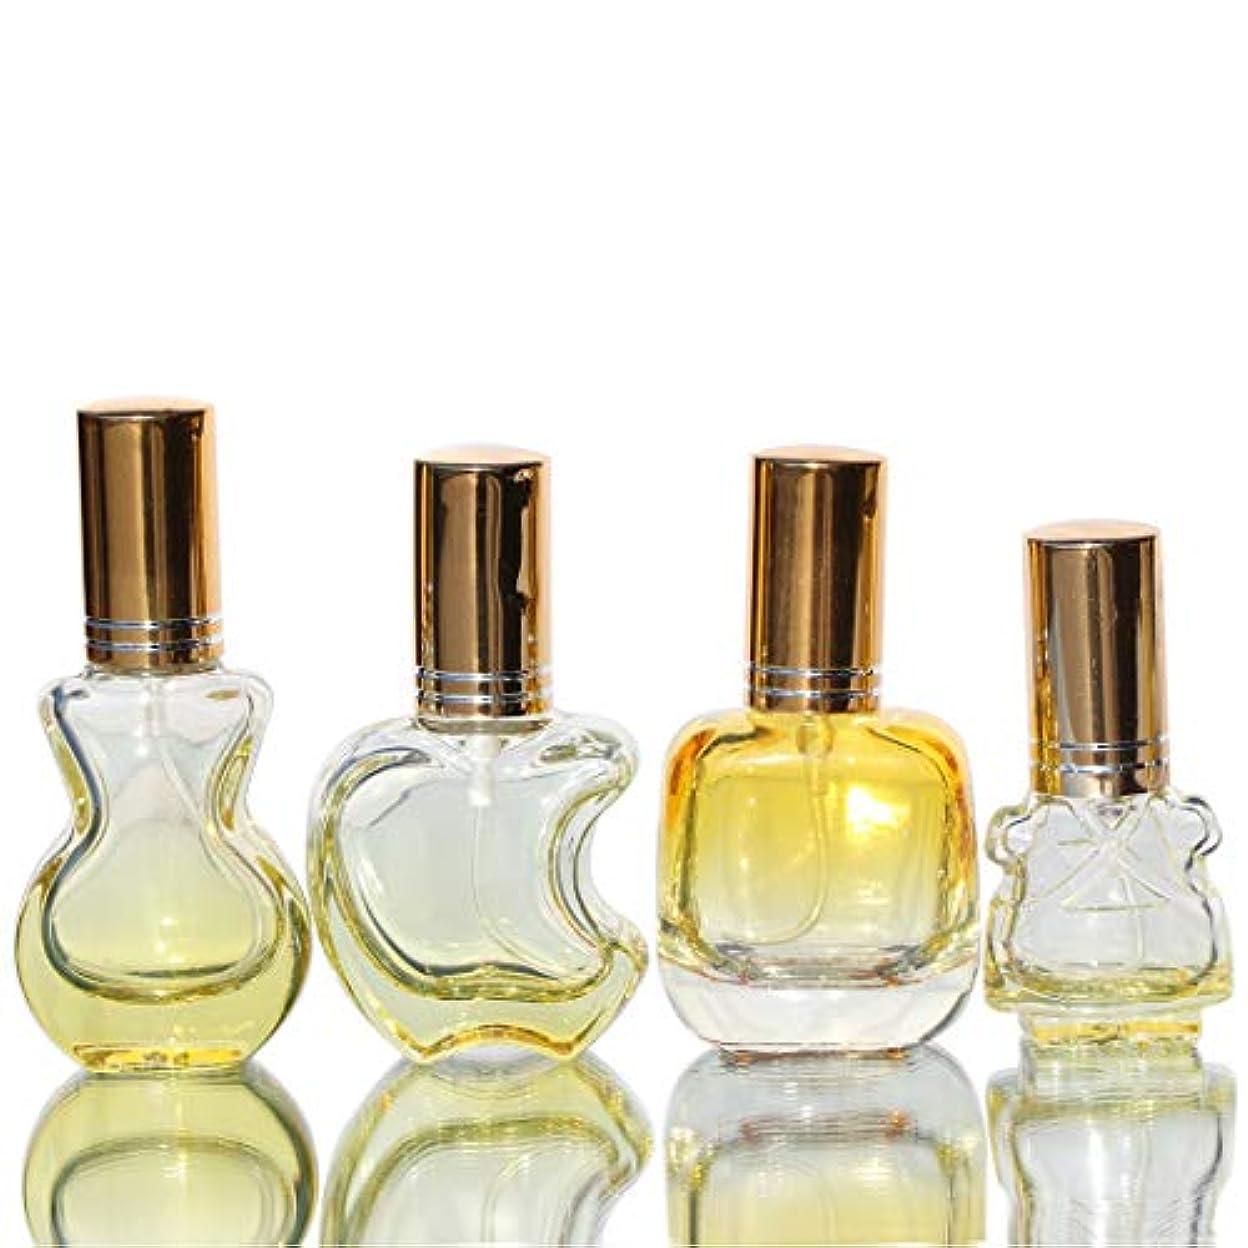 応答スパンアメリカWaltz&F カラフル ガラス製香水瓶 フレグランスボトル 詰替用瓶 空き アトマイザー 分け瓶 旅行用品 化粧水用瓶